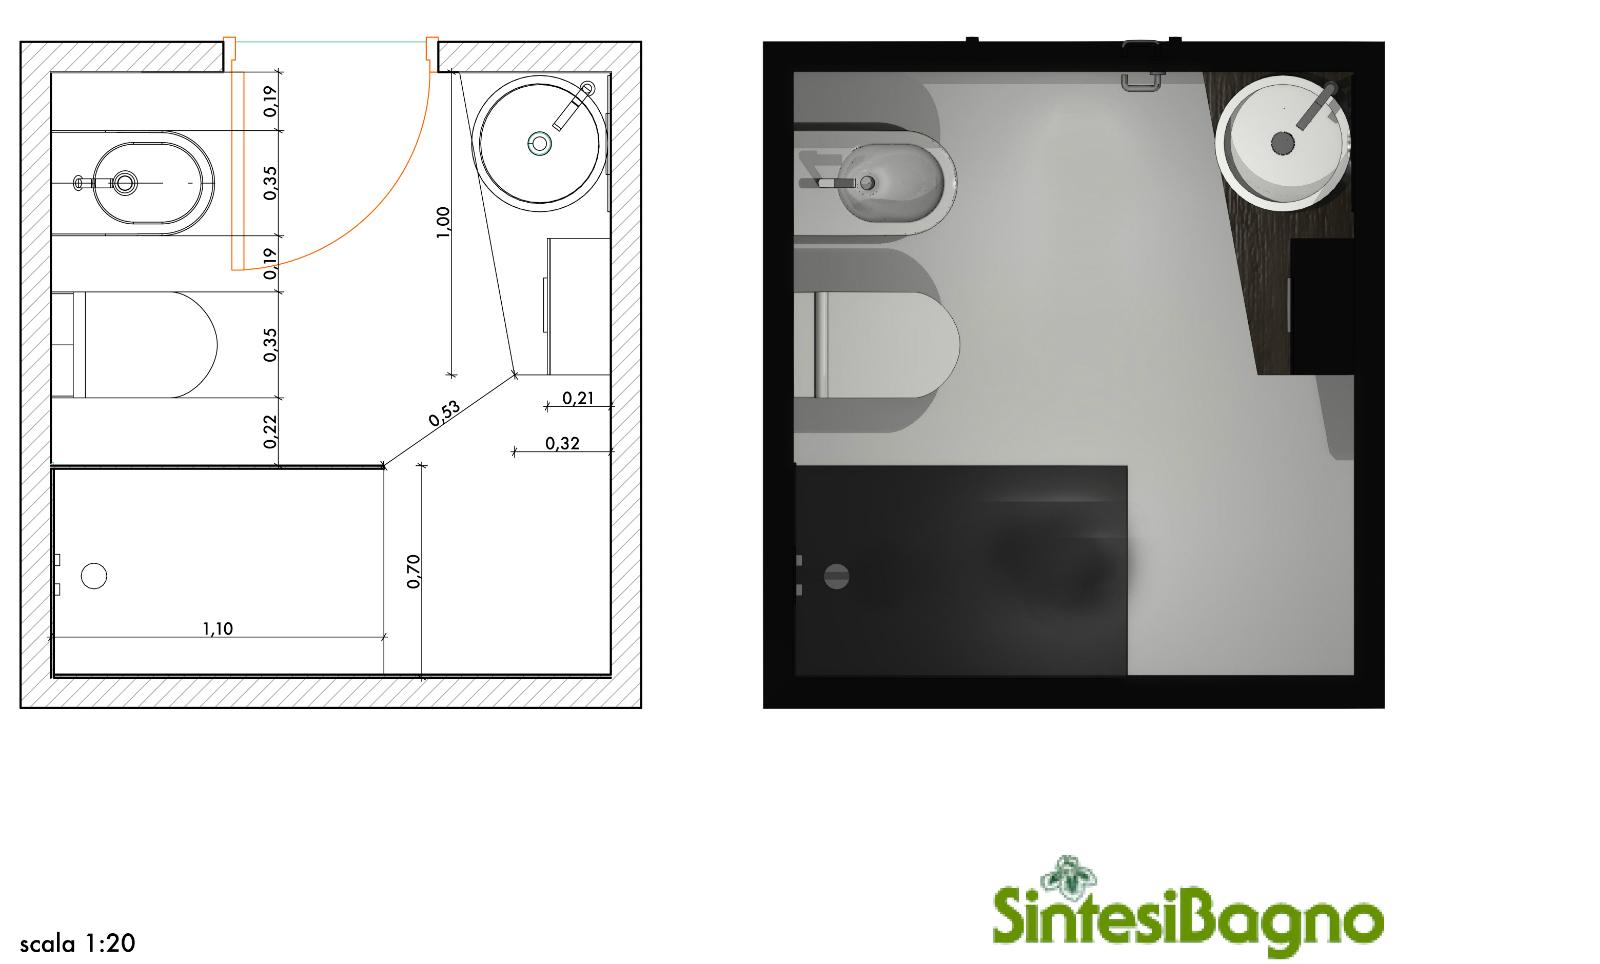 Bagni disabili misure excellent bagno disabili misure - Dimensioni water piccolo ...